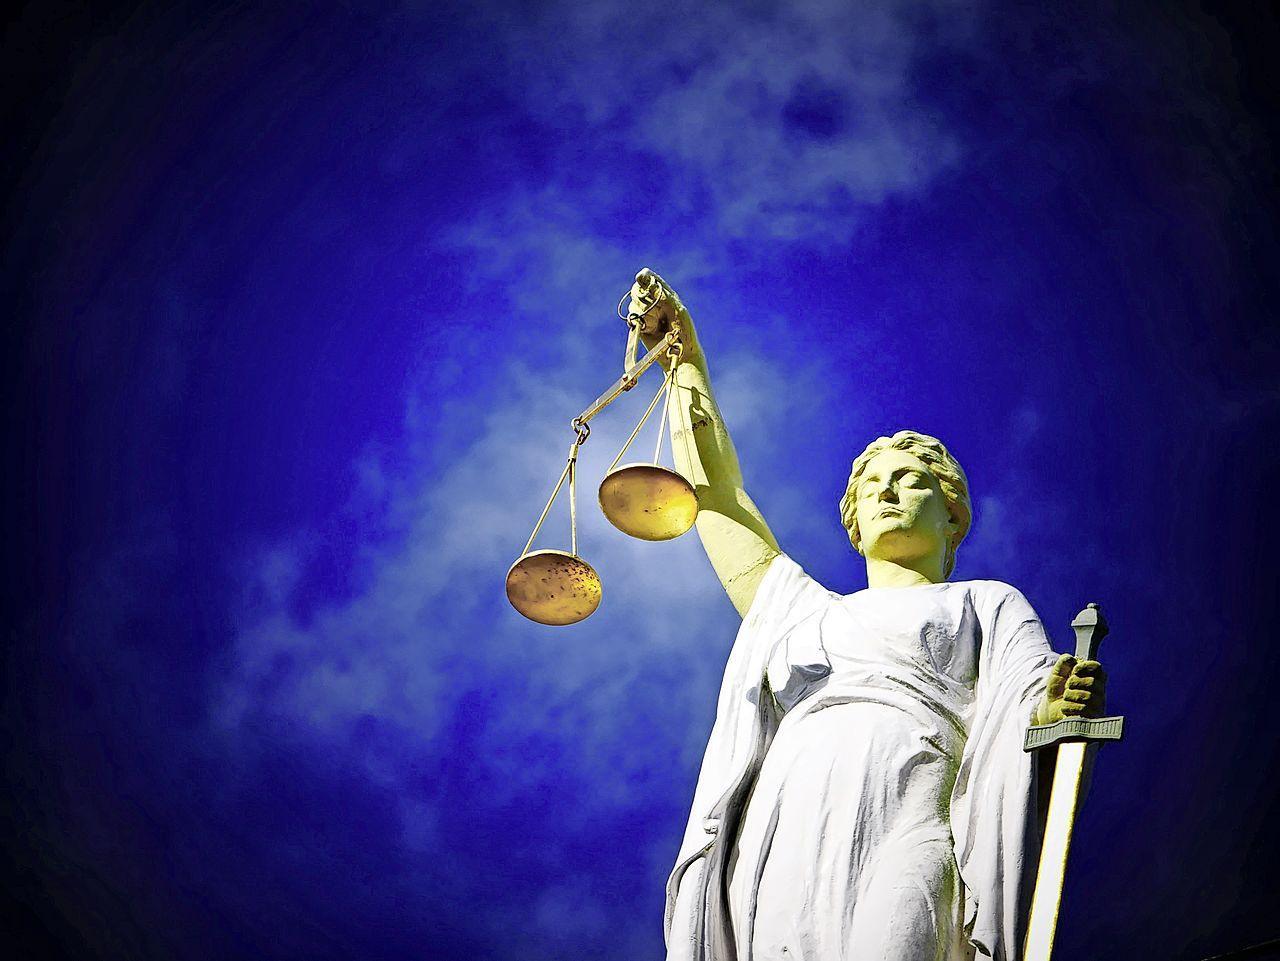 Purmerendse draaideurcrimineel bedreigde politie met dood en verkrachting en besmeurde cel met poep: eis drie maanden celstraf